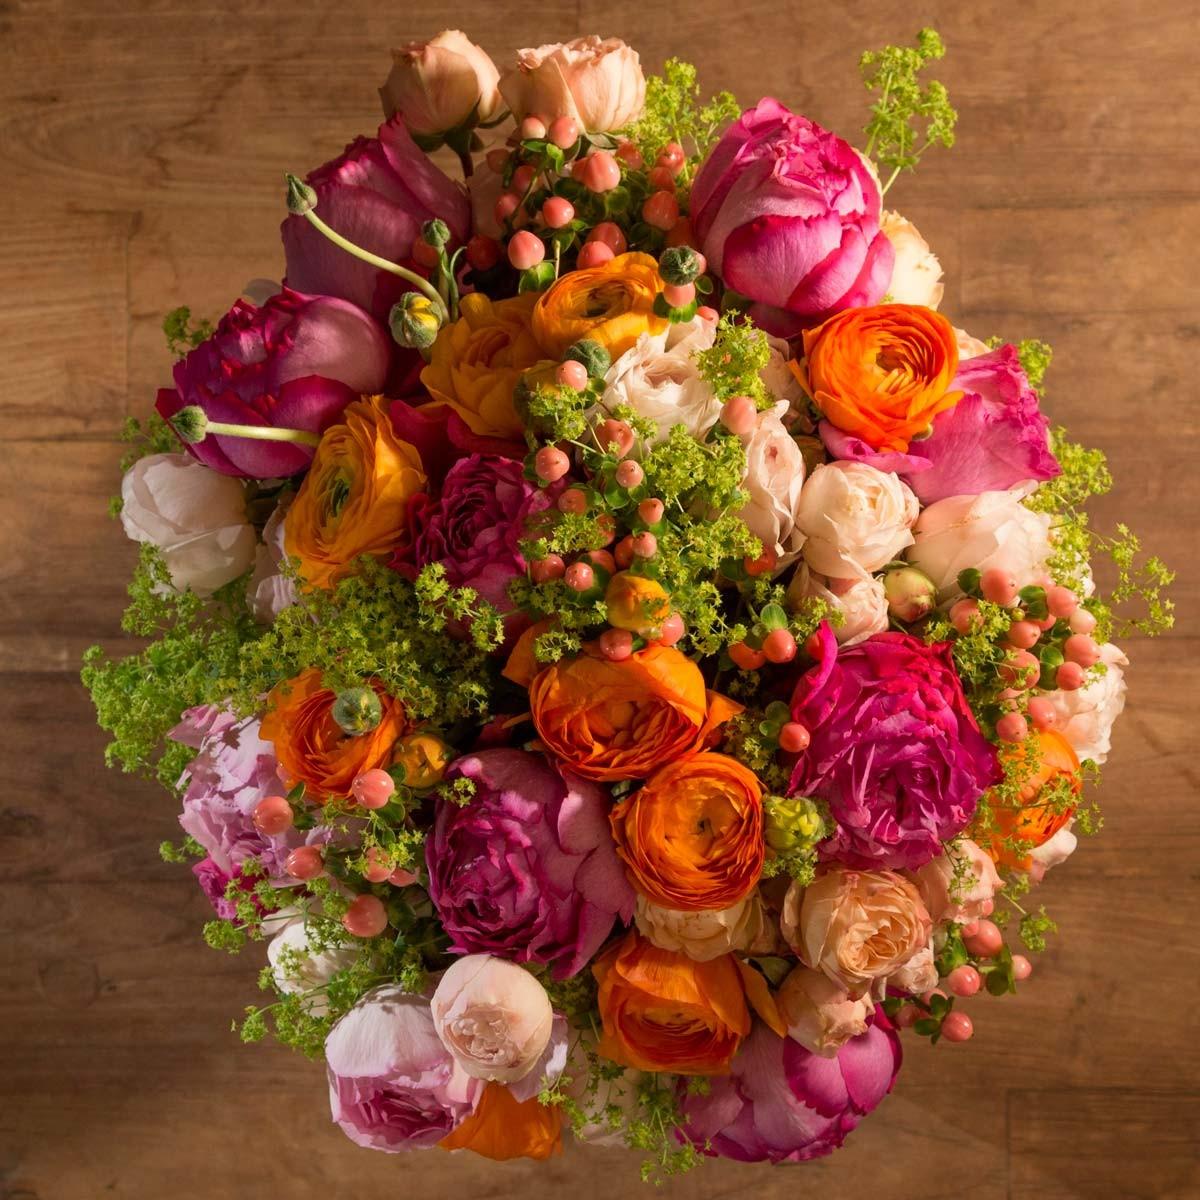 Livraison fleurs domicile le bouquet de fleurs c res for Bouquet de fleurs livraison